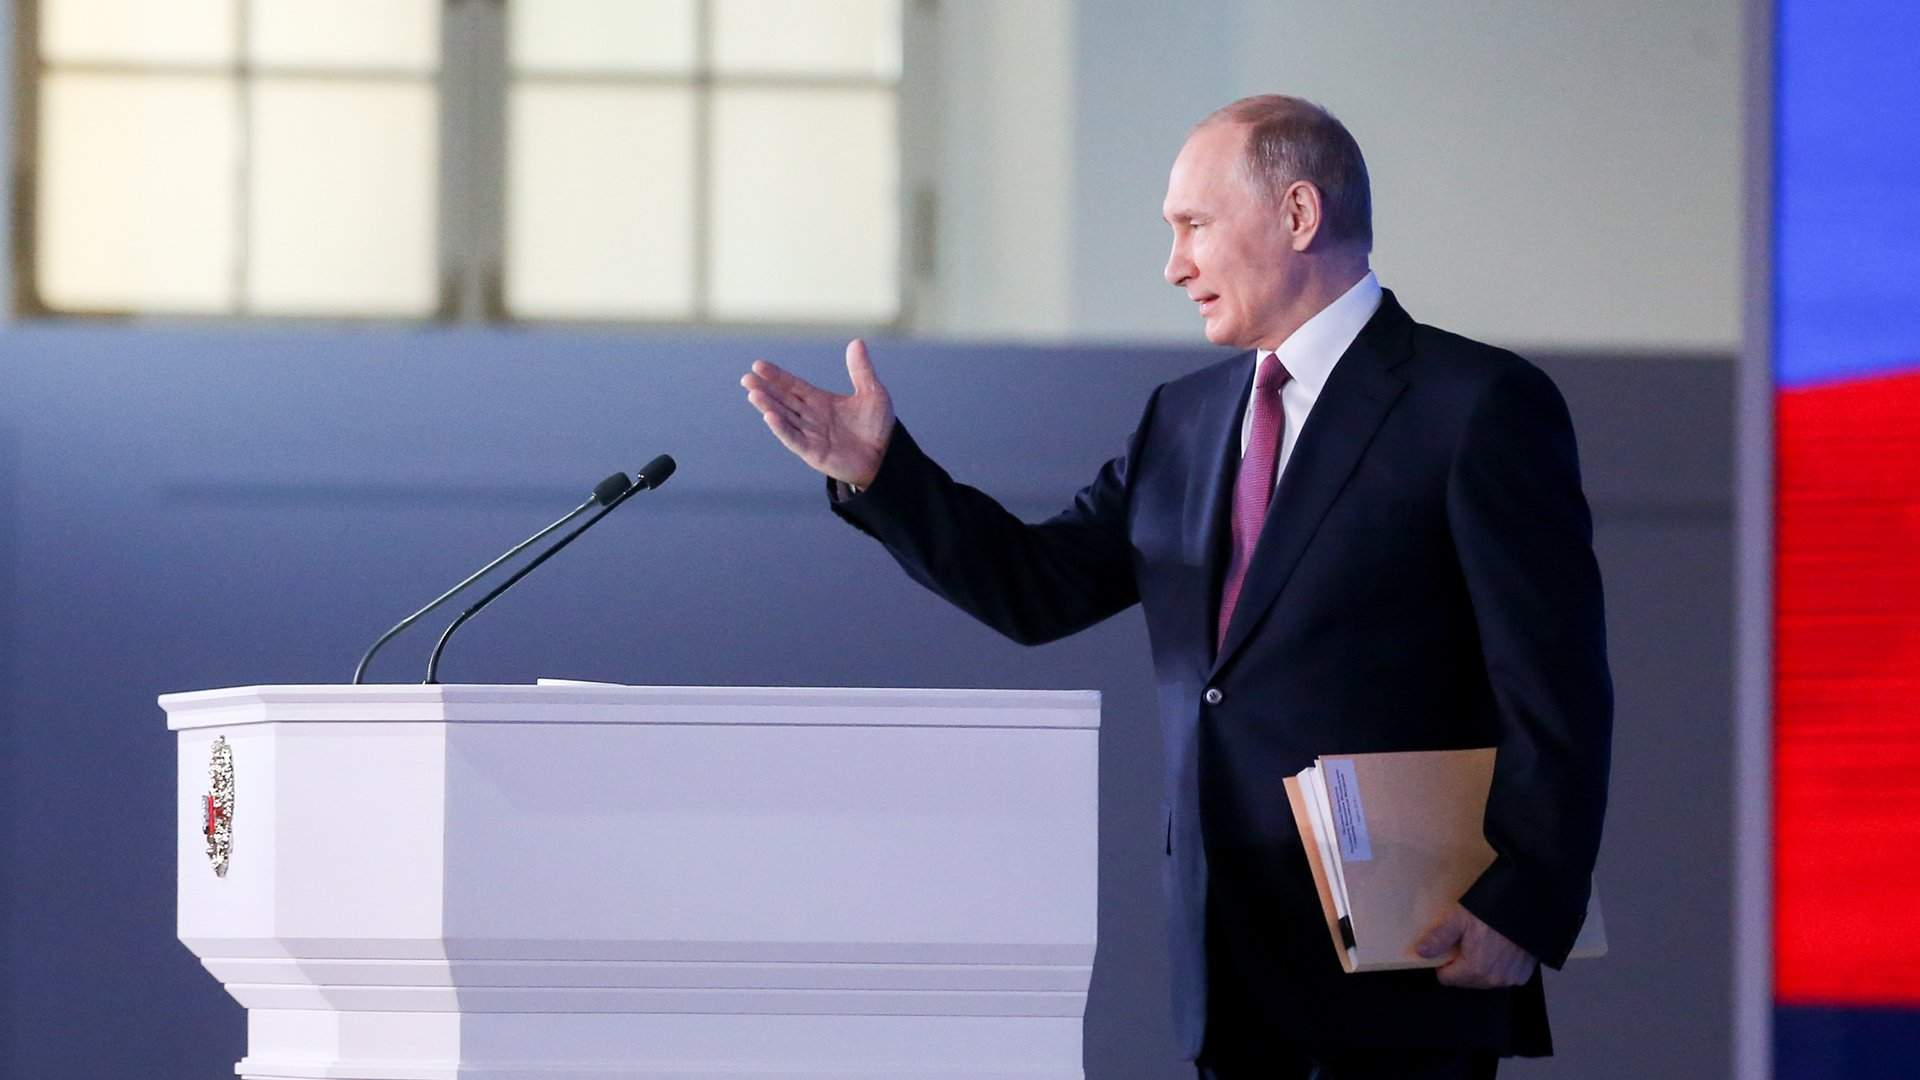 Картинки по запросу Владимир Путин совершит «решительный прорыв» в благоустройстве жизни россиян